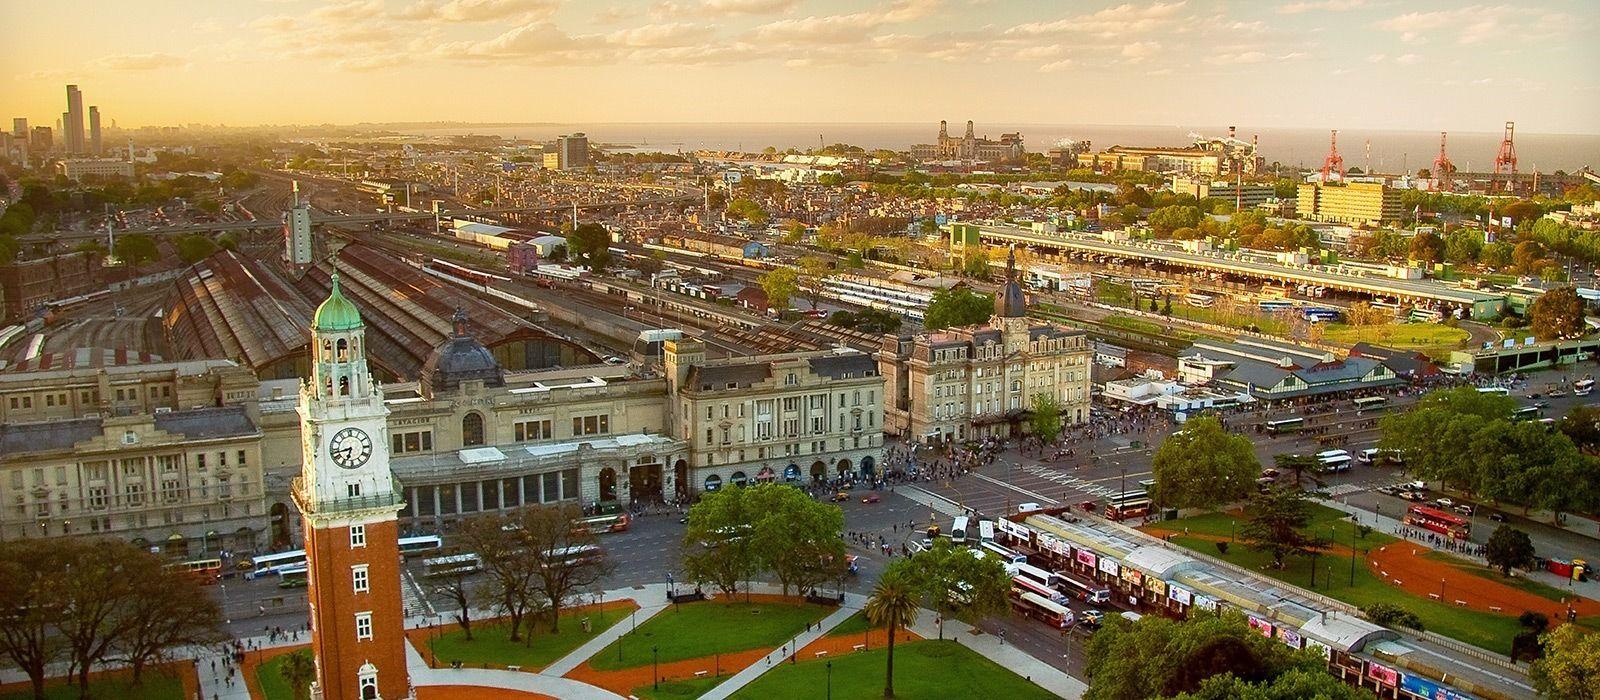 Argentinien & Brasilien – glitzernde Städte und tosende Fluten Urlaub 1